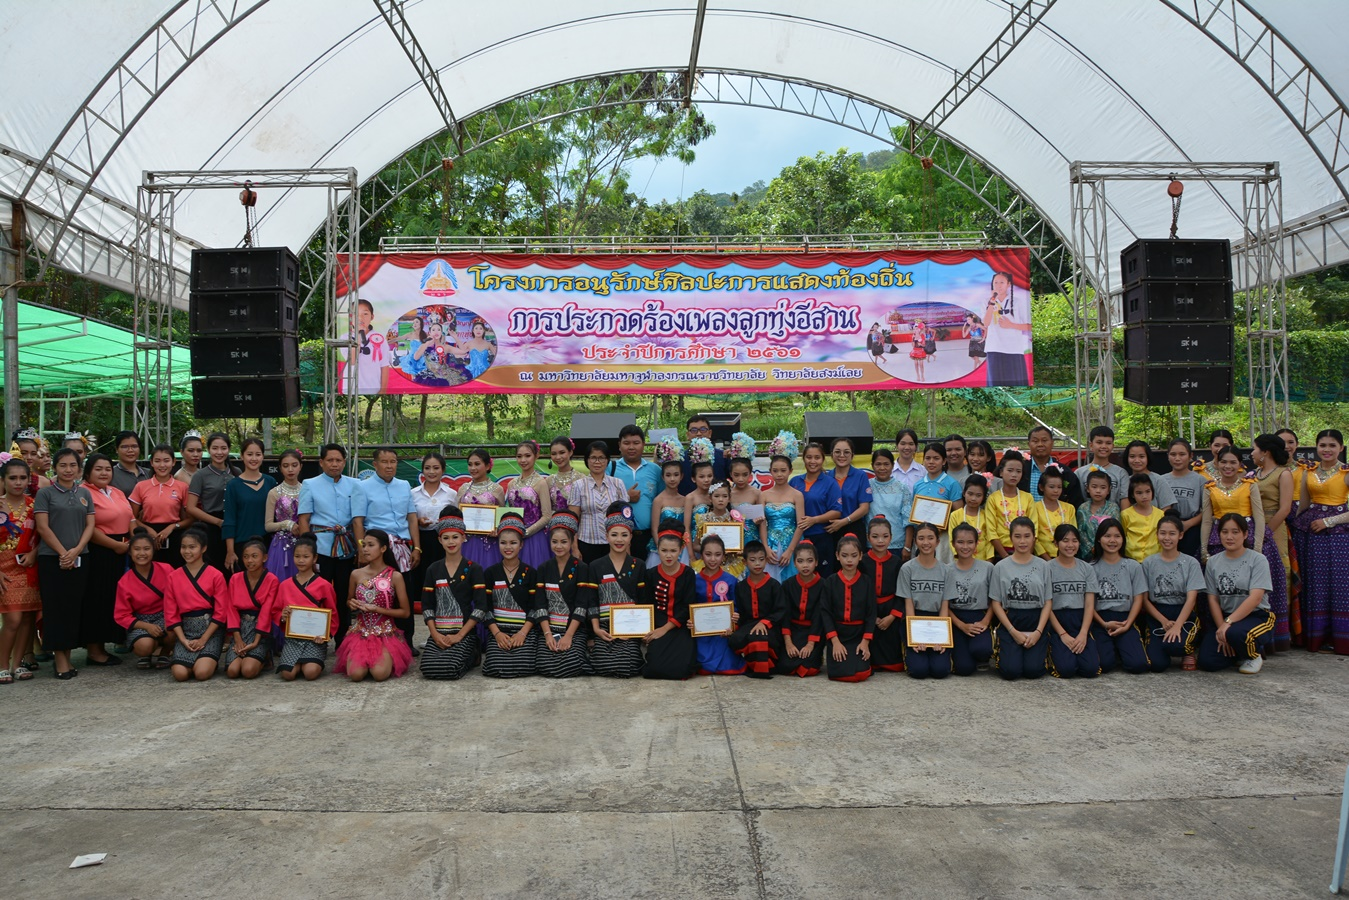 โครงการอนุรักษ์และสืบสานภูมิปัญญาและมรดกไทยอีสาน